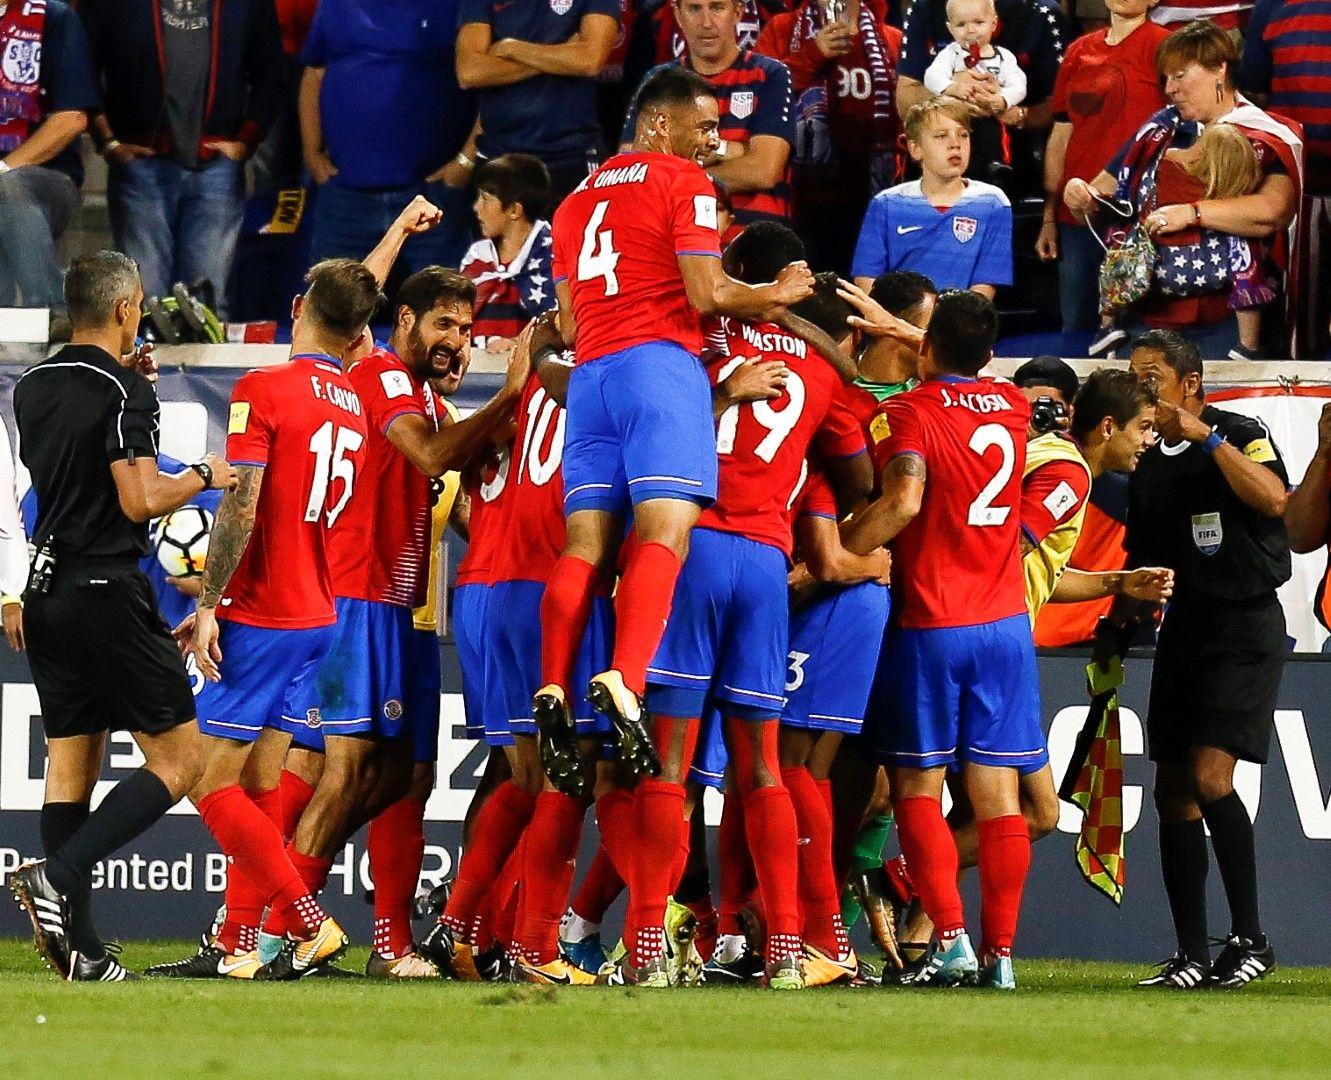 Тимът постигна важна победа над САЩ в квалификациите